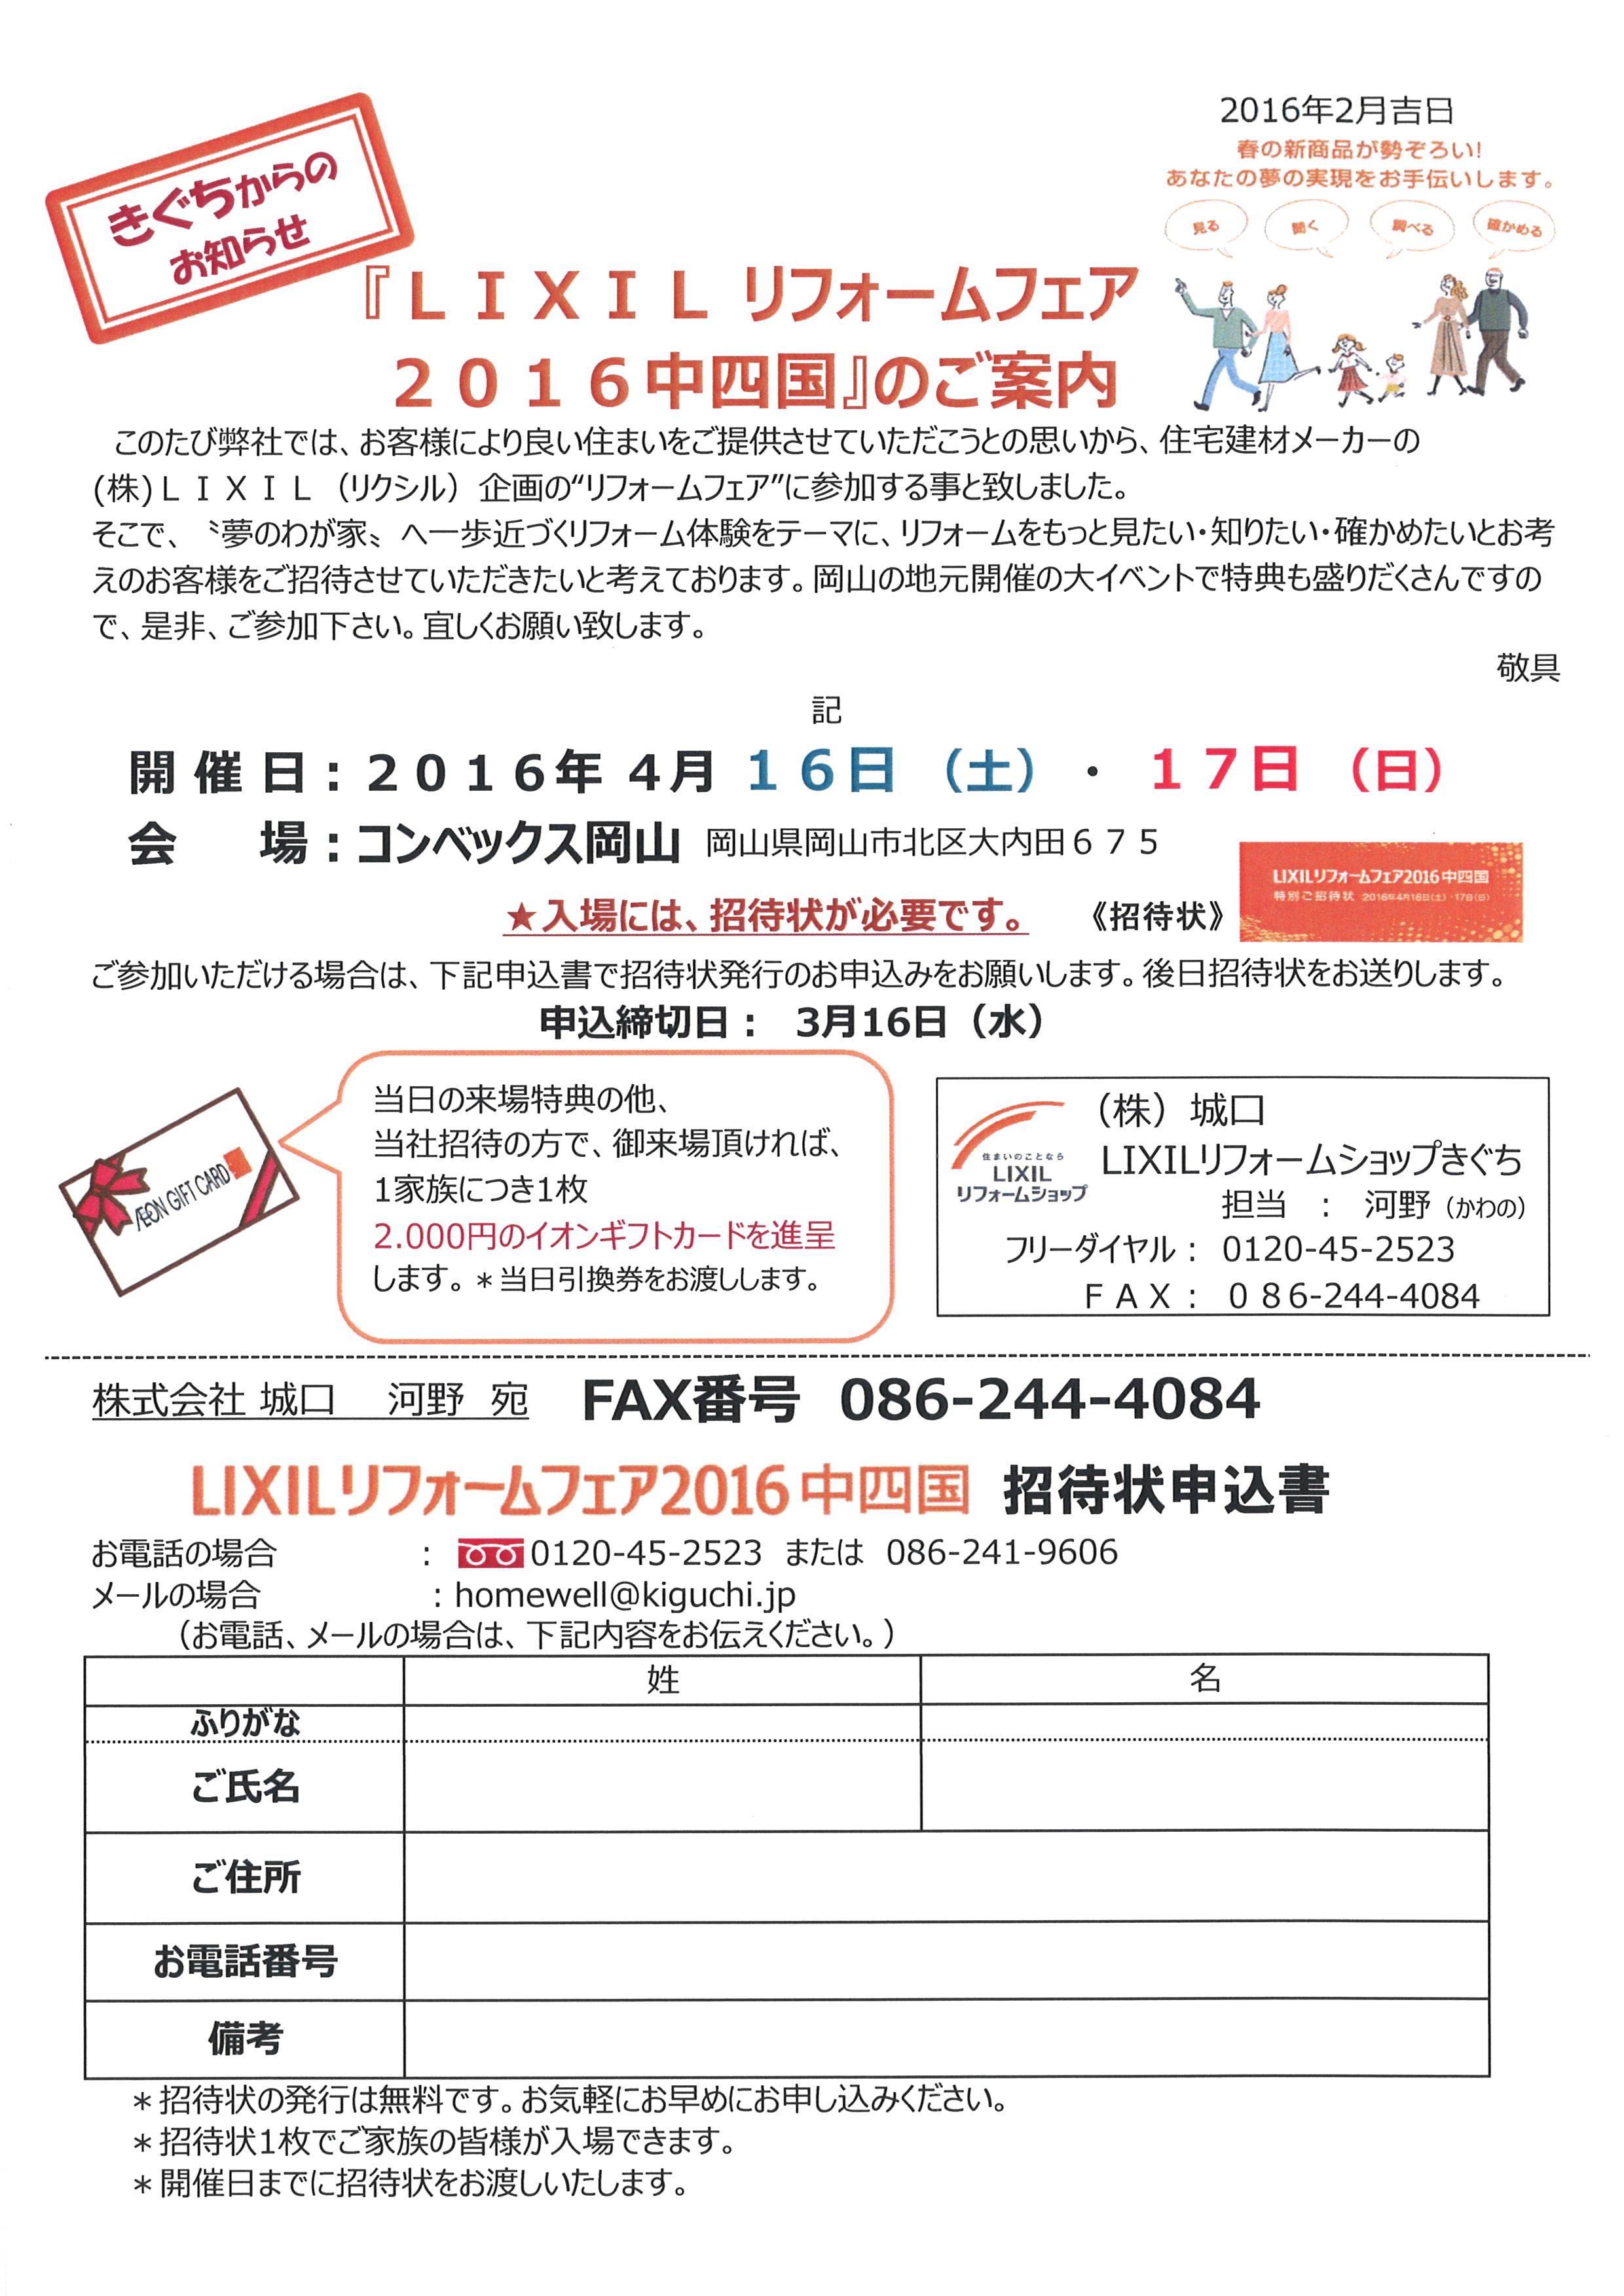 リフォームフェアご案内文.jpg